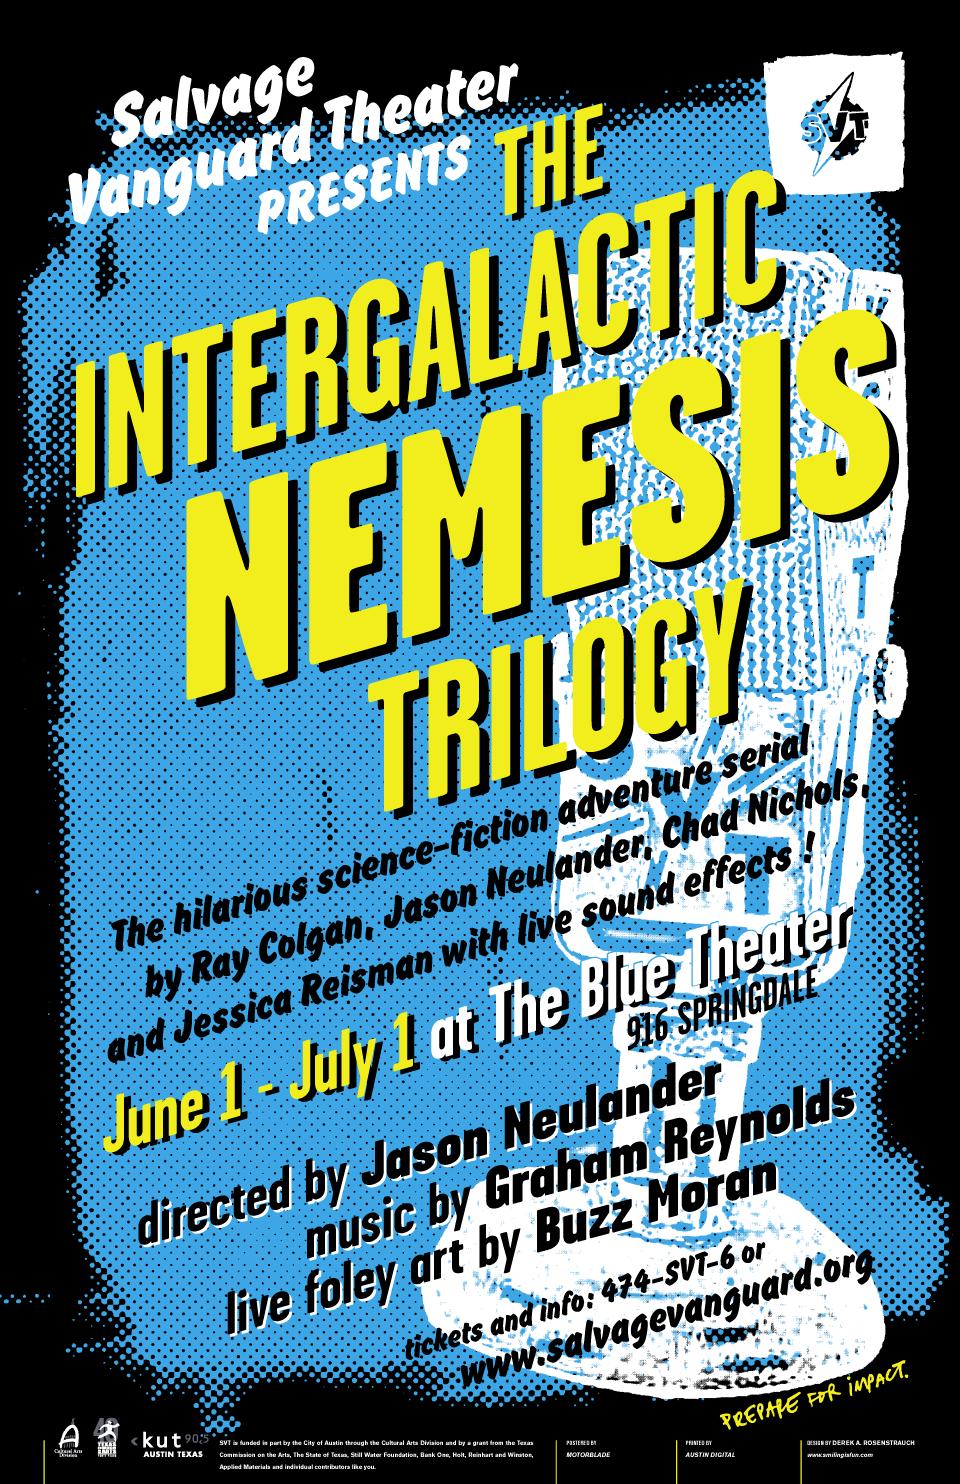 The Intergalactic Nemesis Trilogy